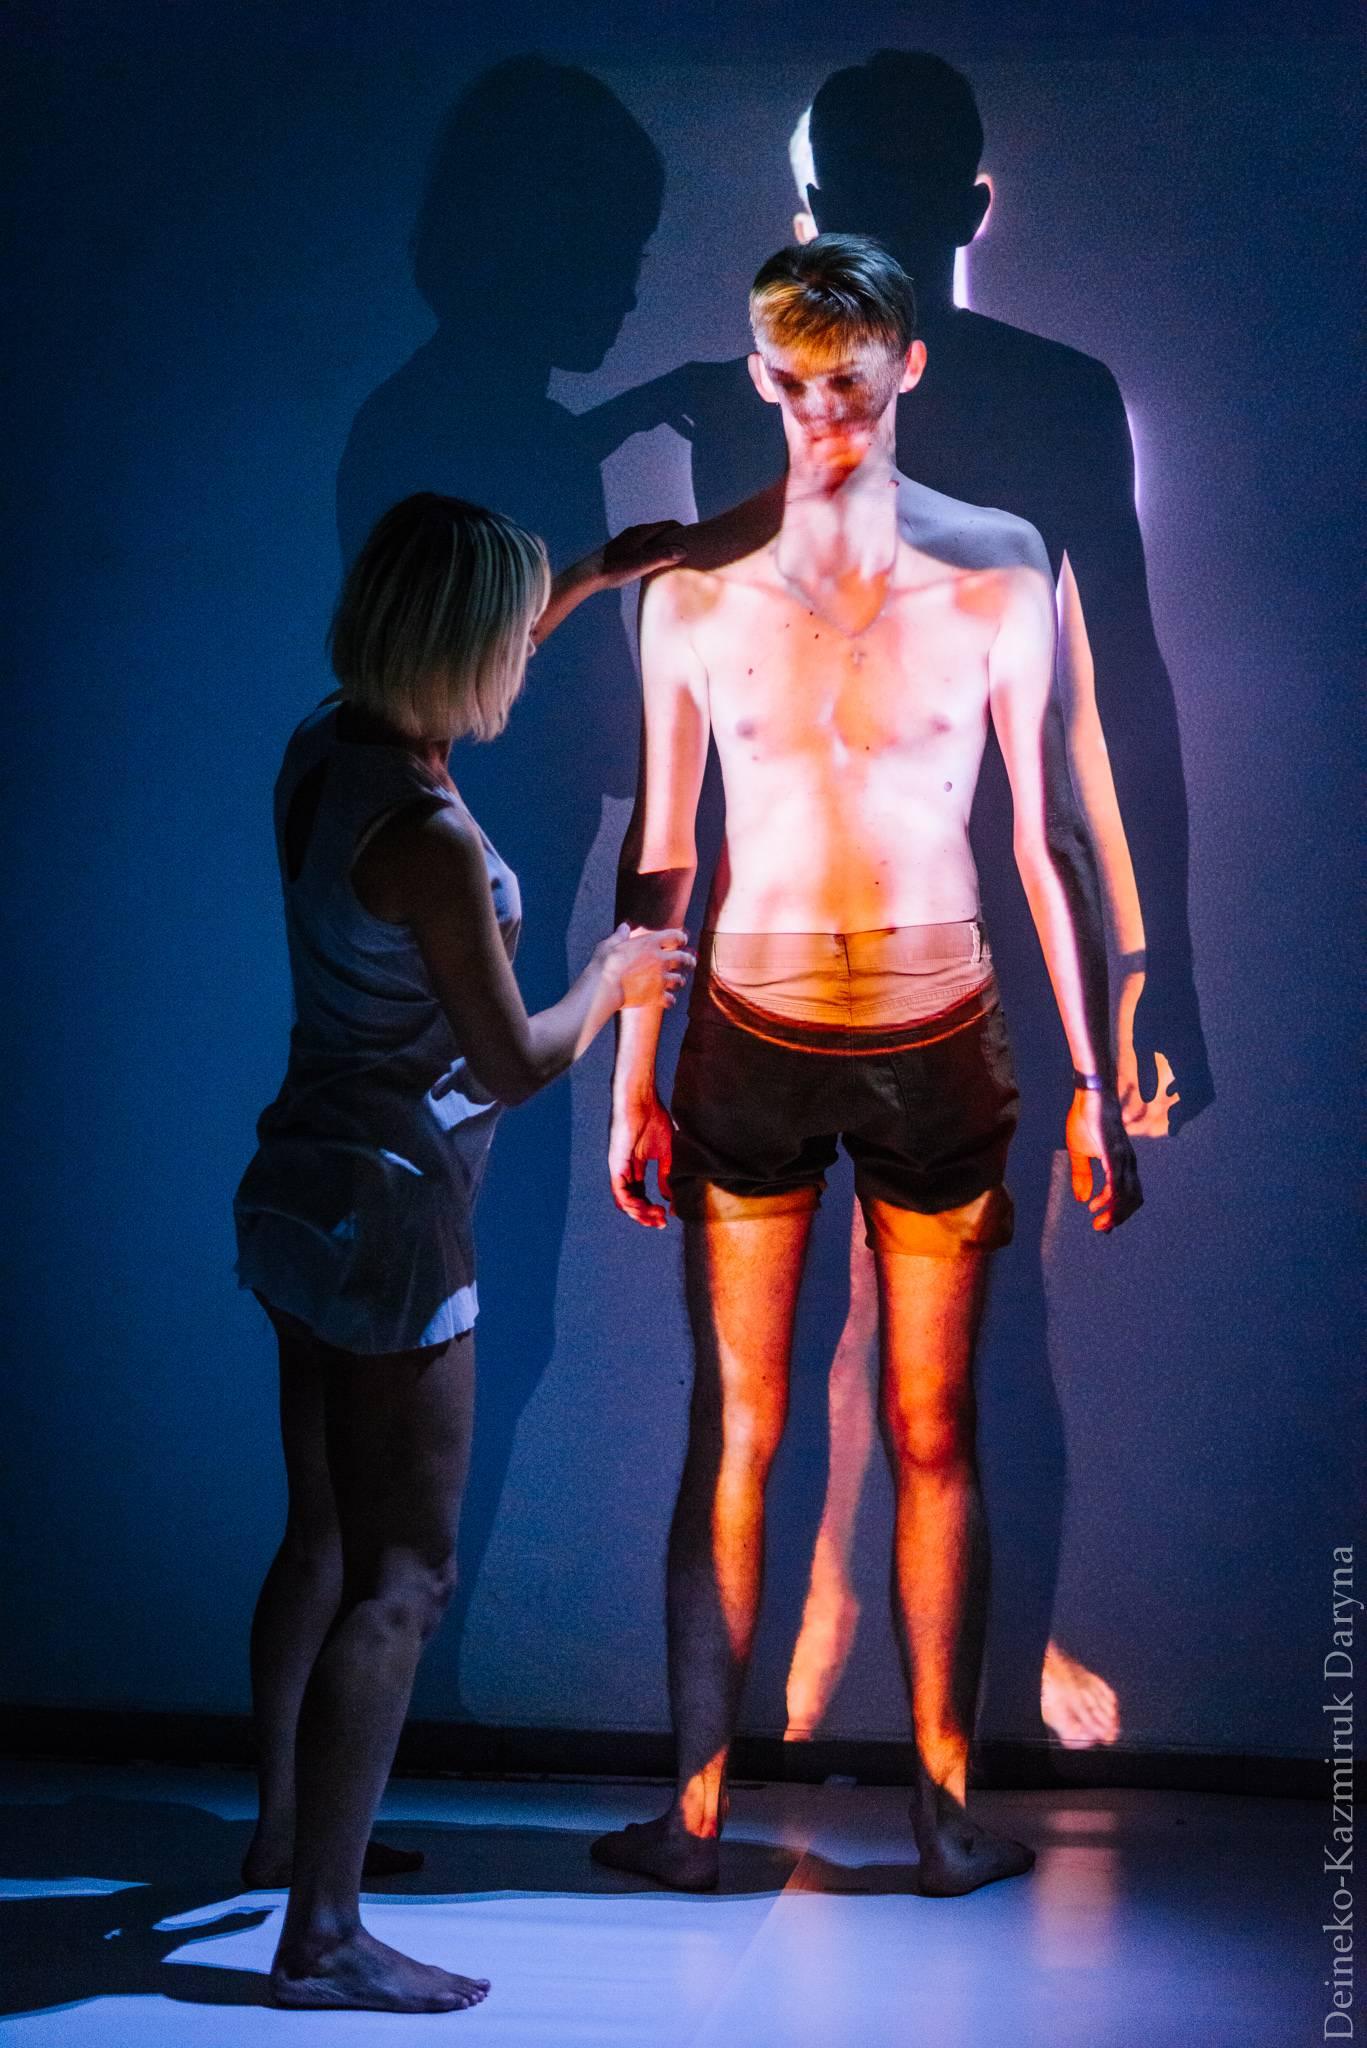 Медіатехнології у театрі: результати лабораторії перформативних медіатехнологій «I-Reflections Lab»